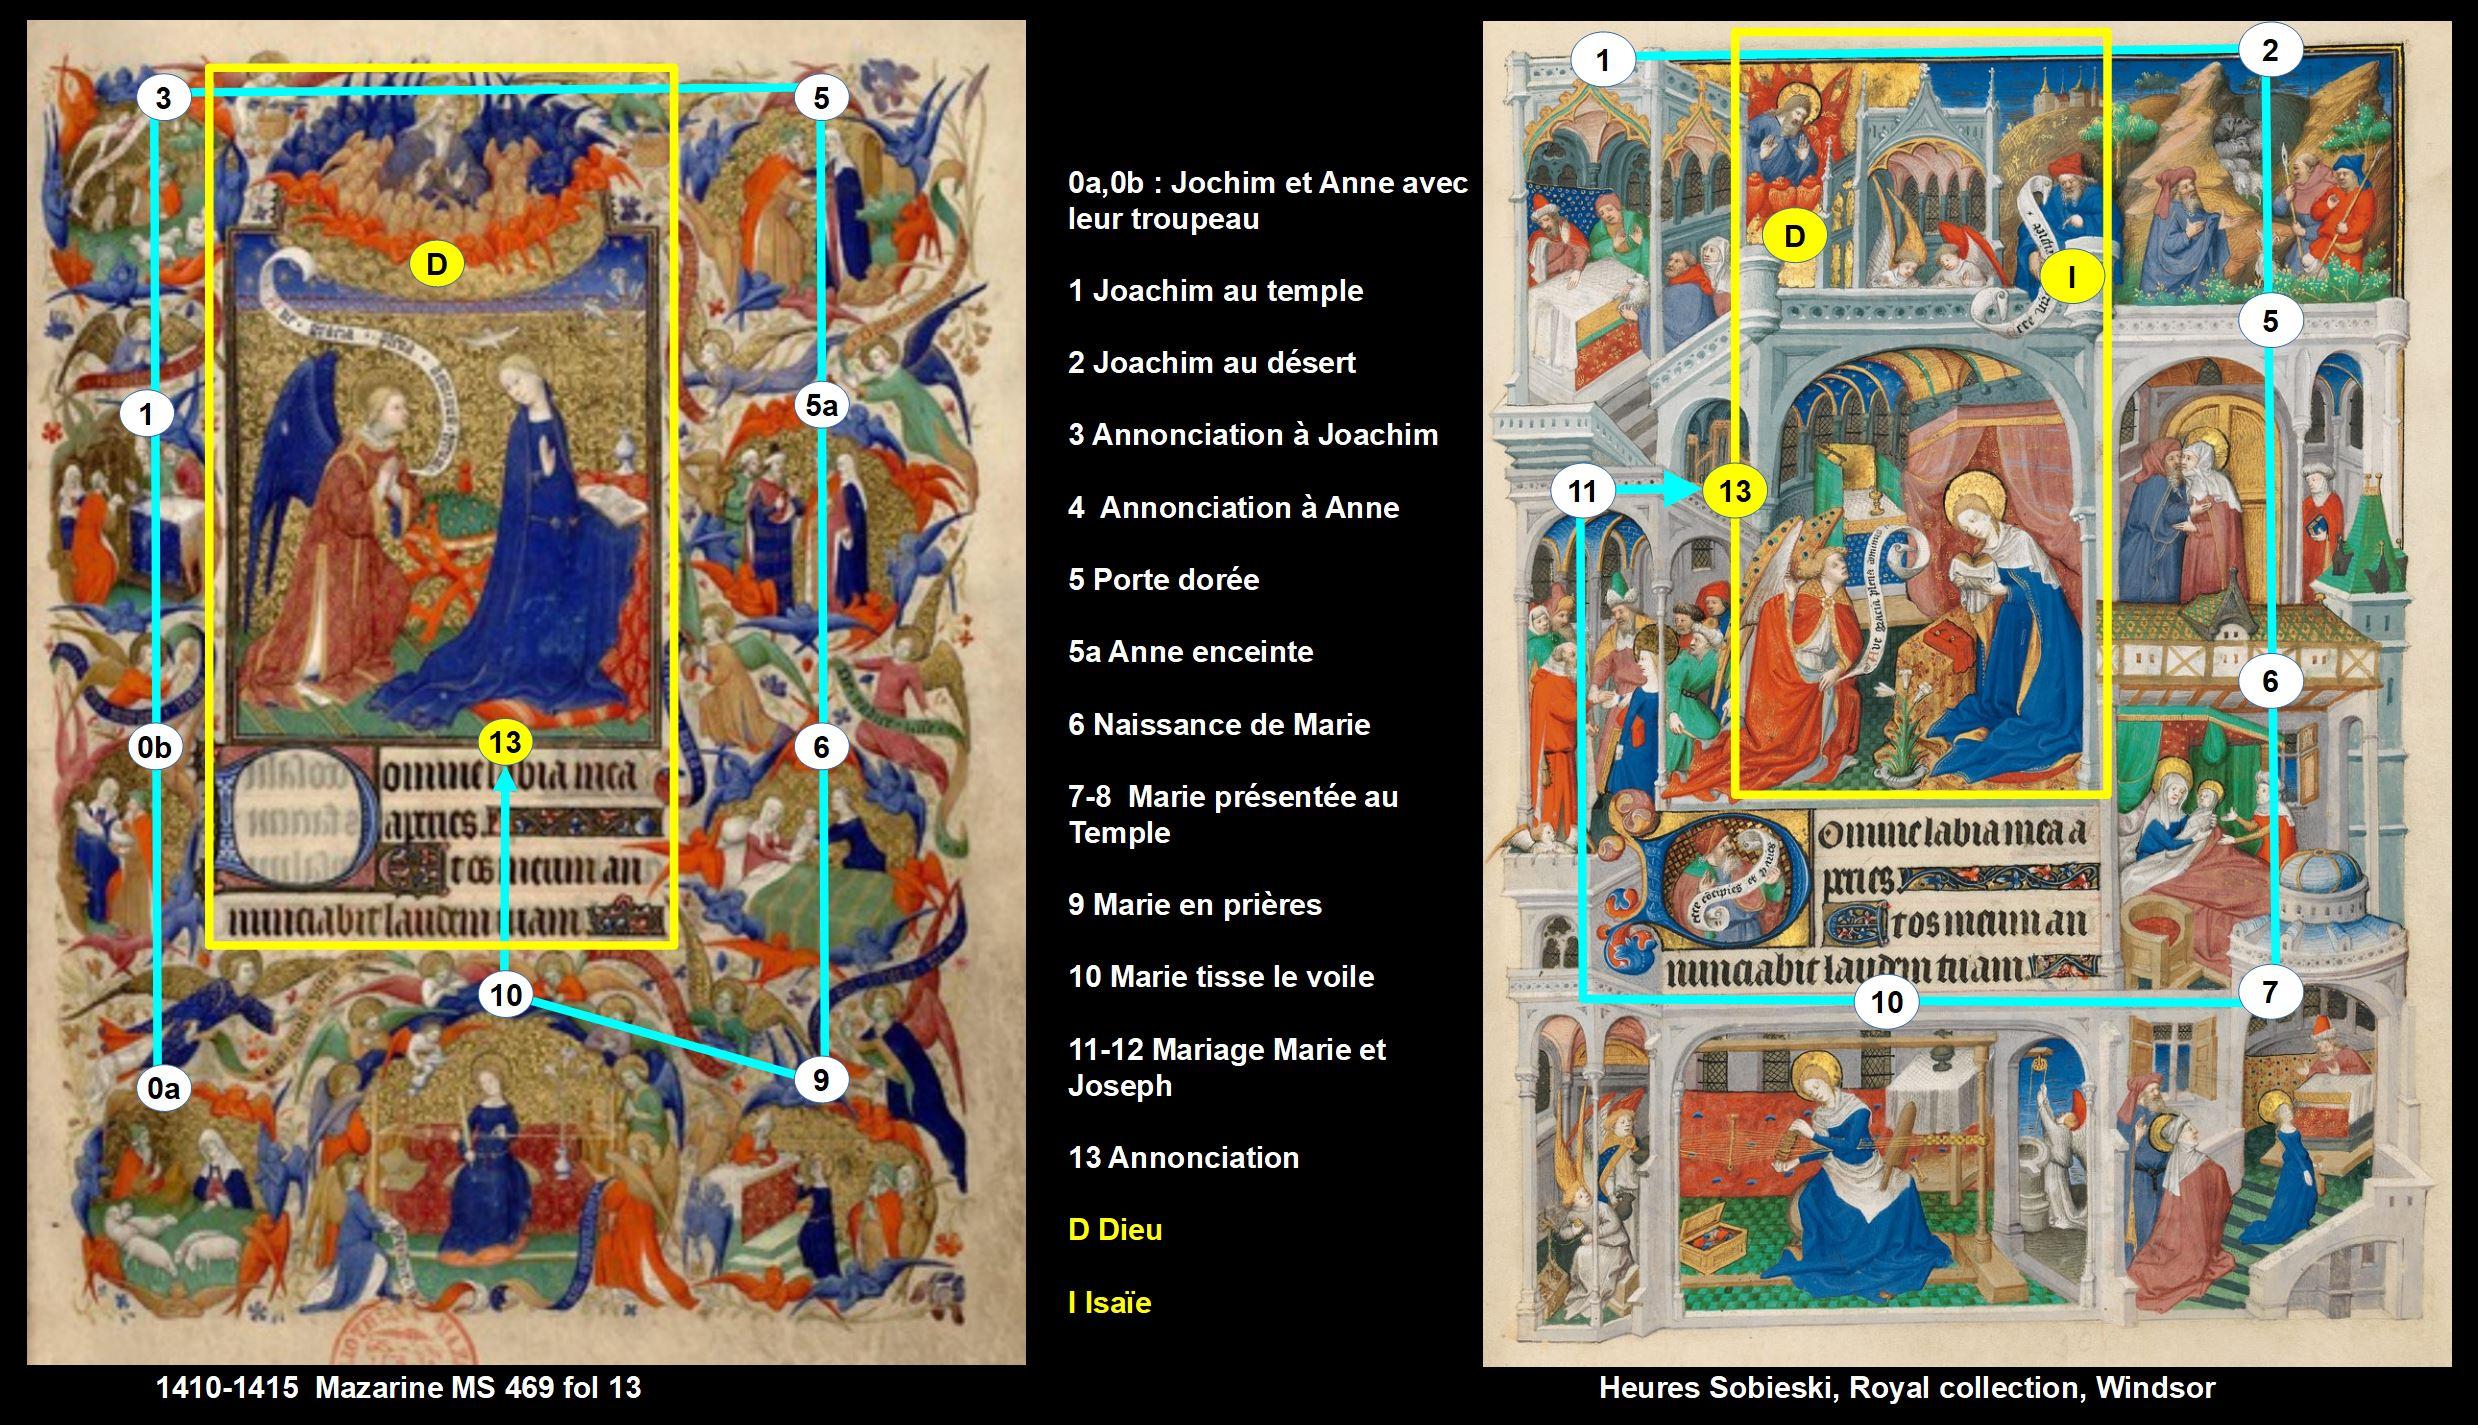 1410-1415 Maitre de la Mazarine Maitre de Bedford Sobieski Comparaison Annonciation